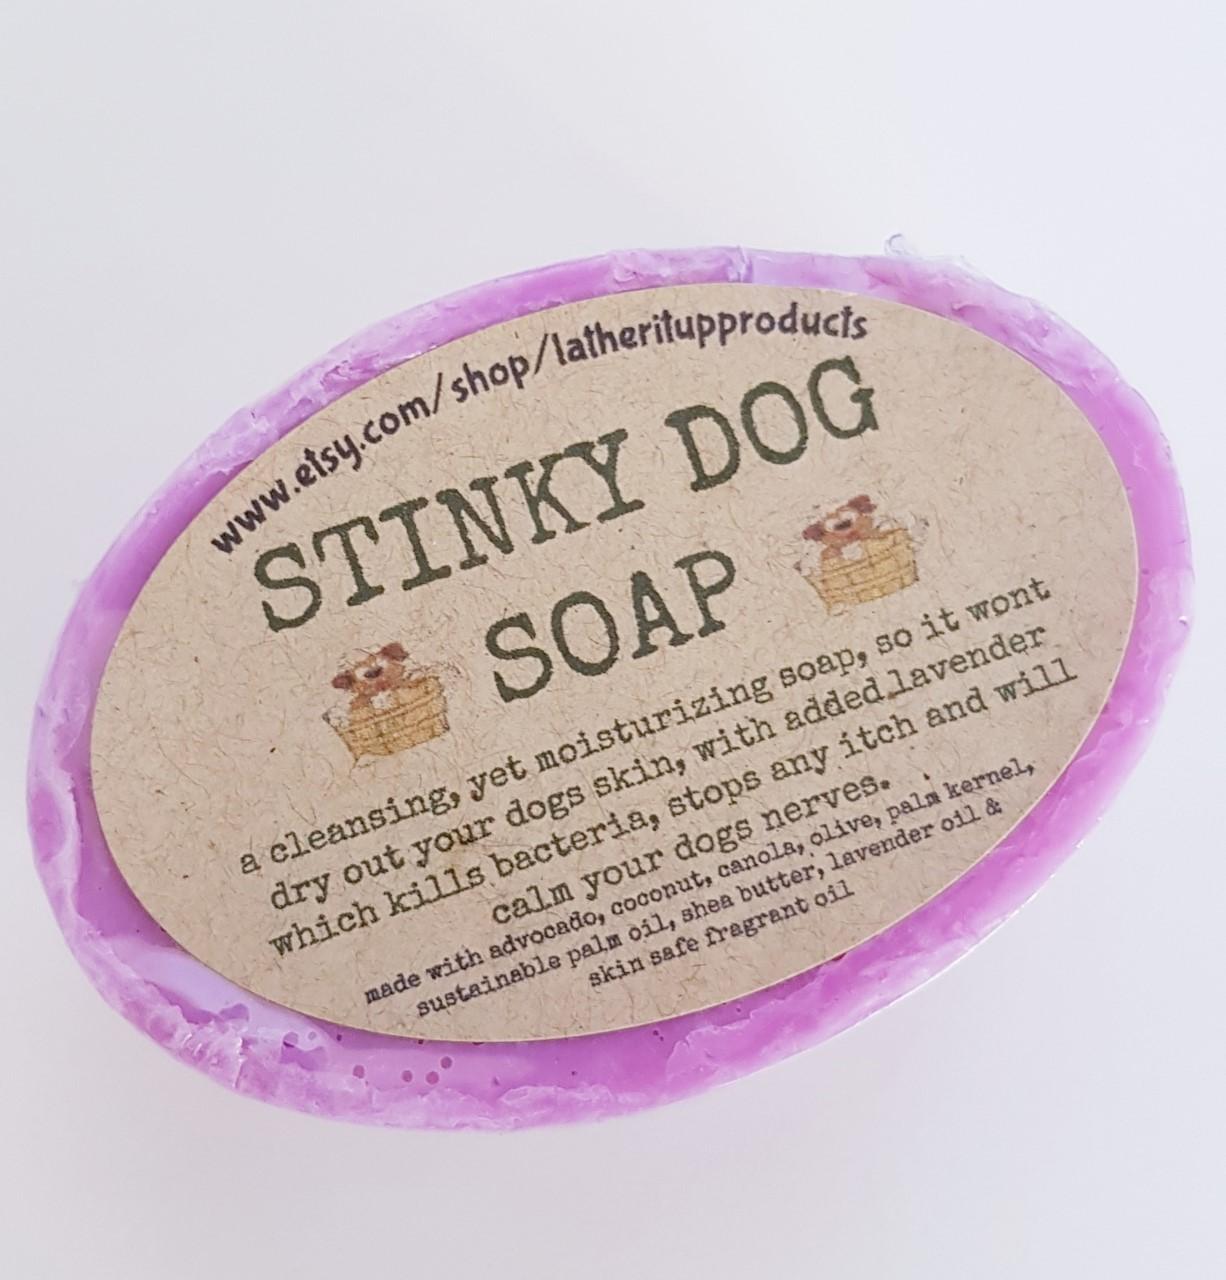 Stinky dog soap purple